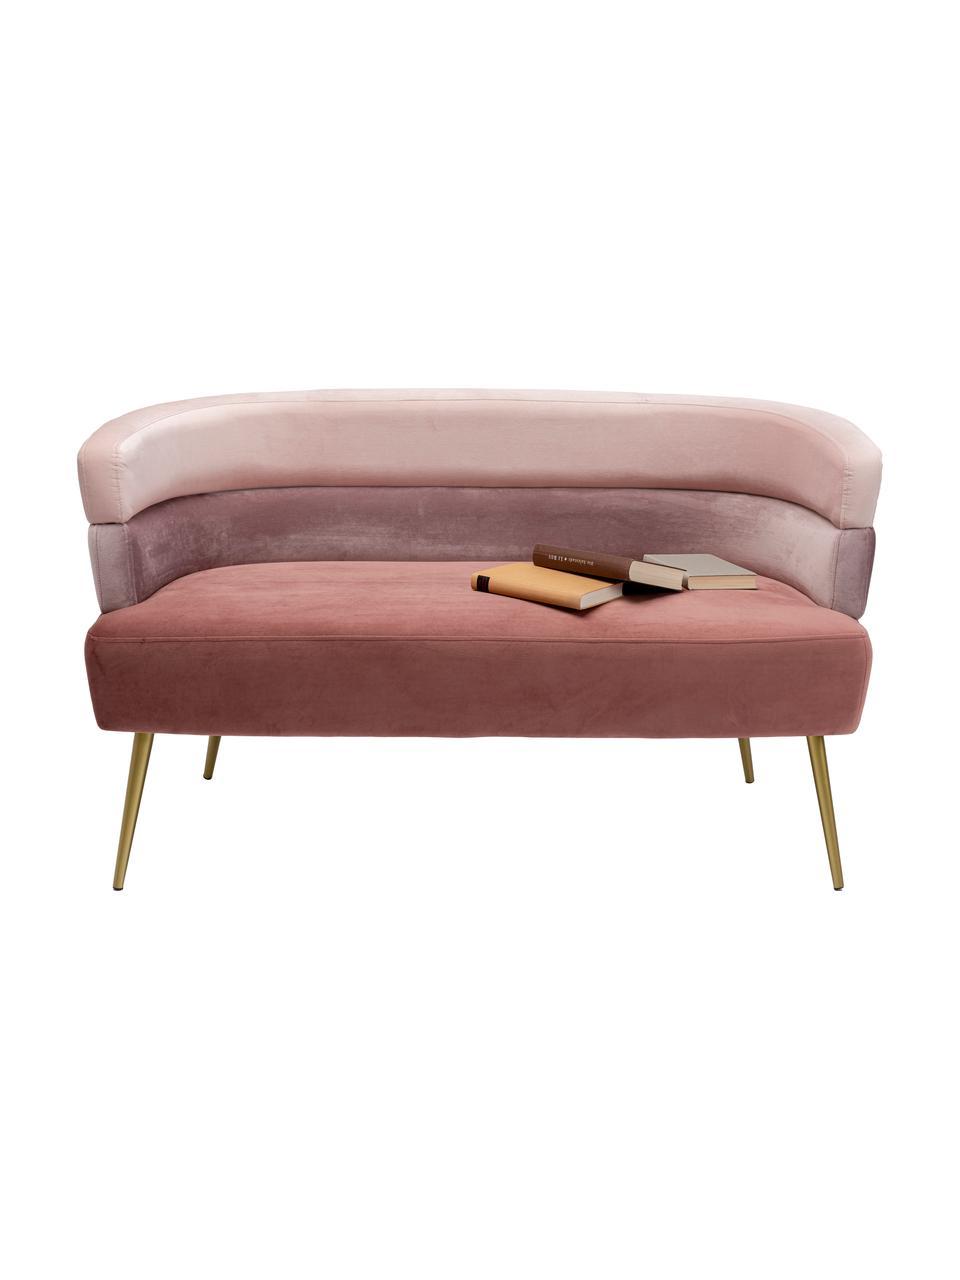 Divano retrò 2 posti in velluto rosa Sandwich, Rivestimento: velluto di poliestere, Piedini: metallo verniciato a polv, Velluto rosa, Larg. 125 x Prof. 64 cm